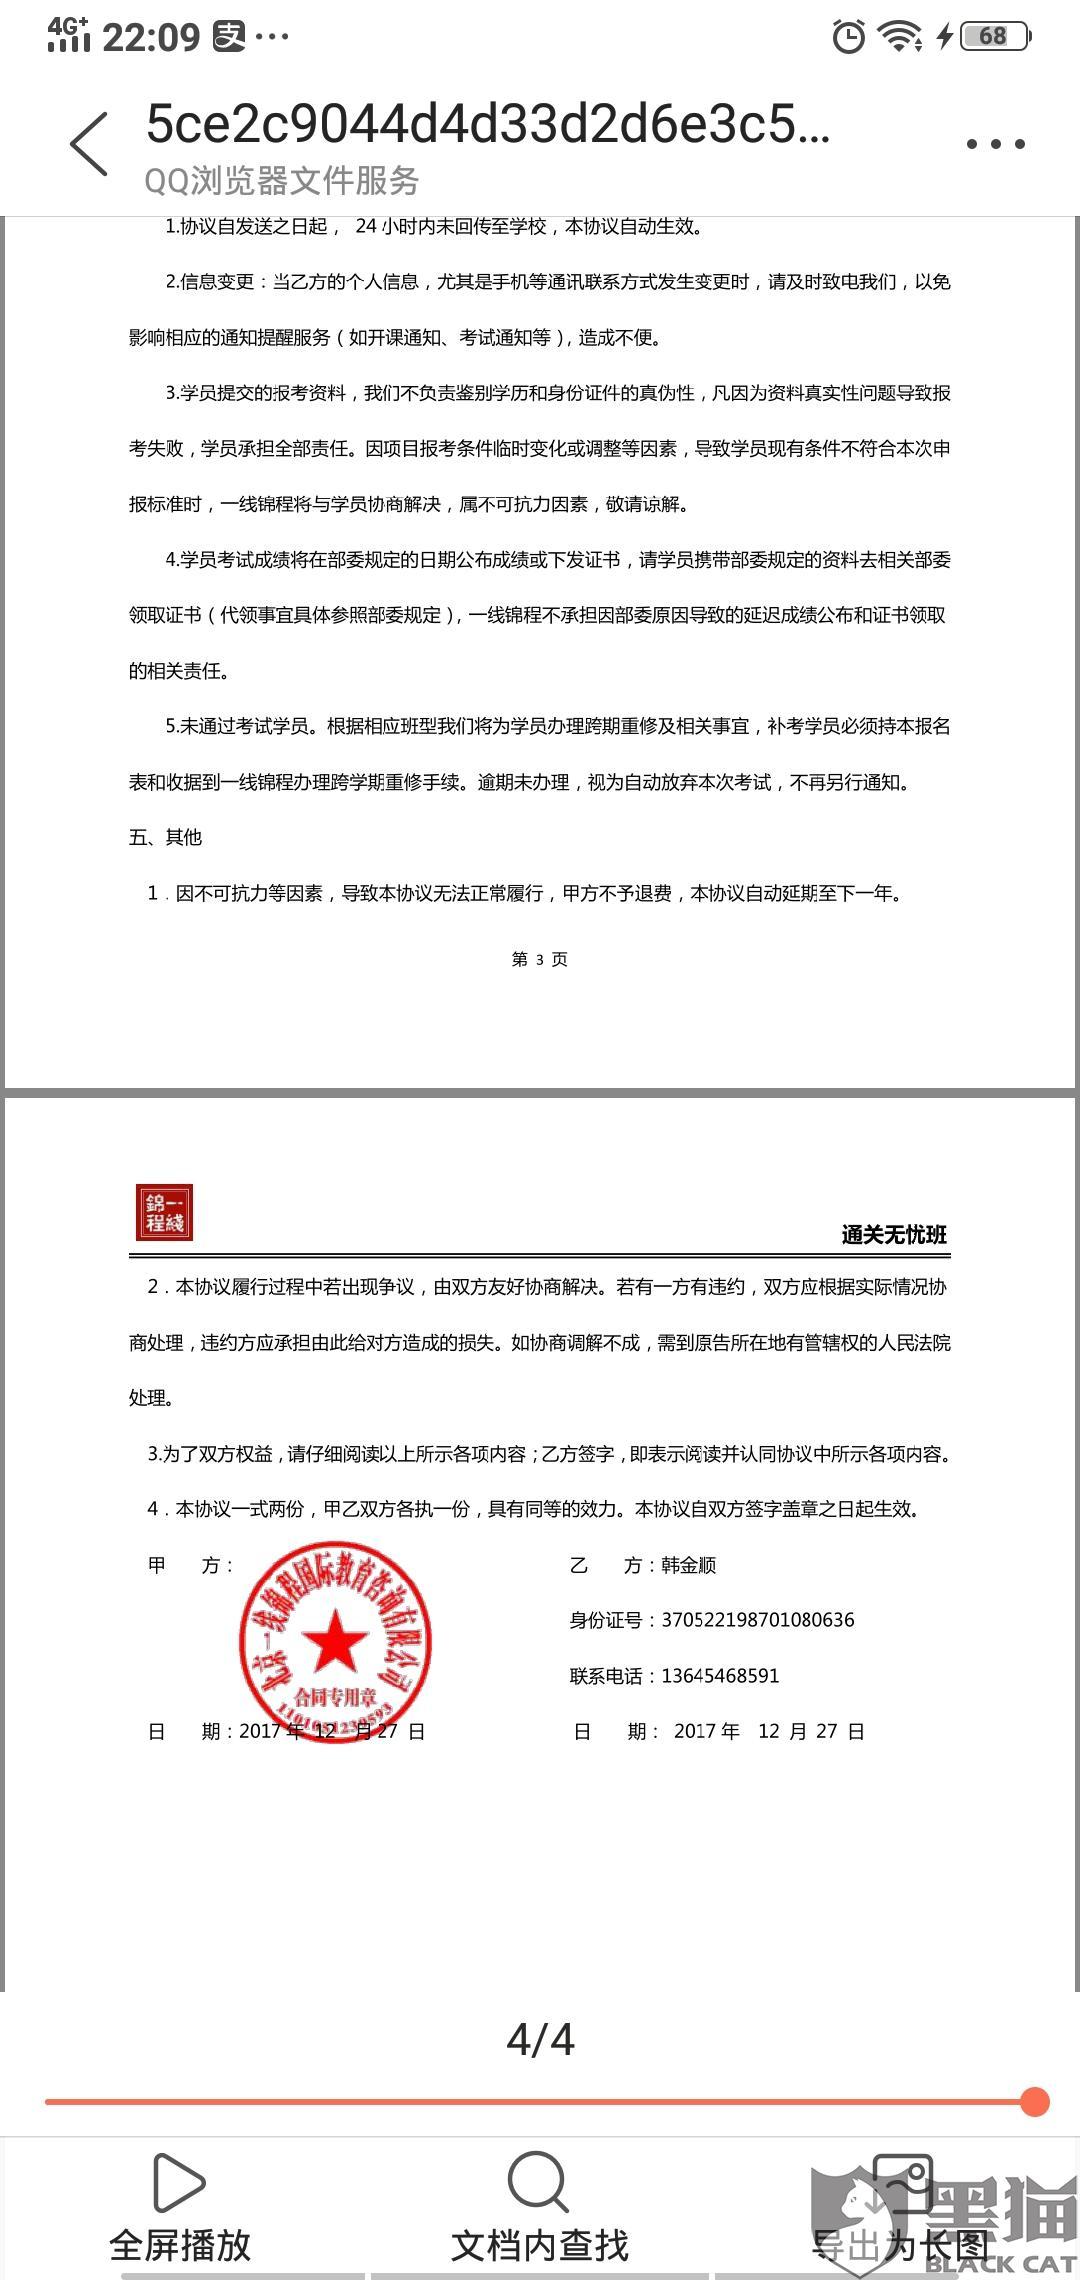 黑猫投诉:北京一线锦程国际教育咨询有限公司诱导消费